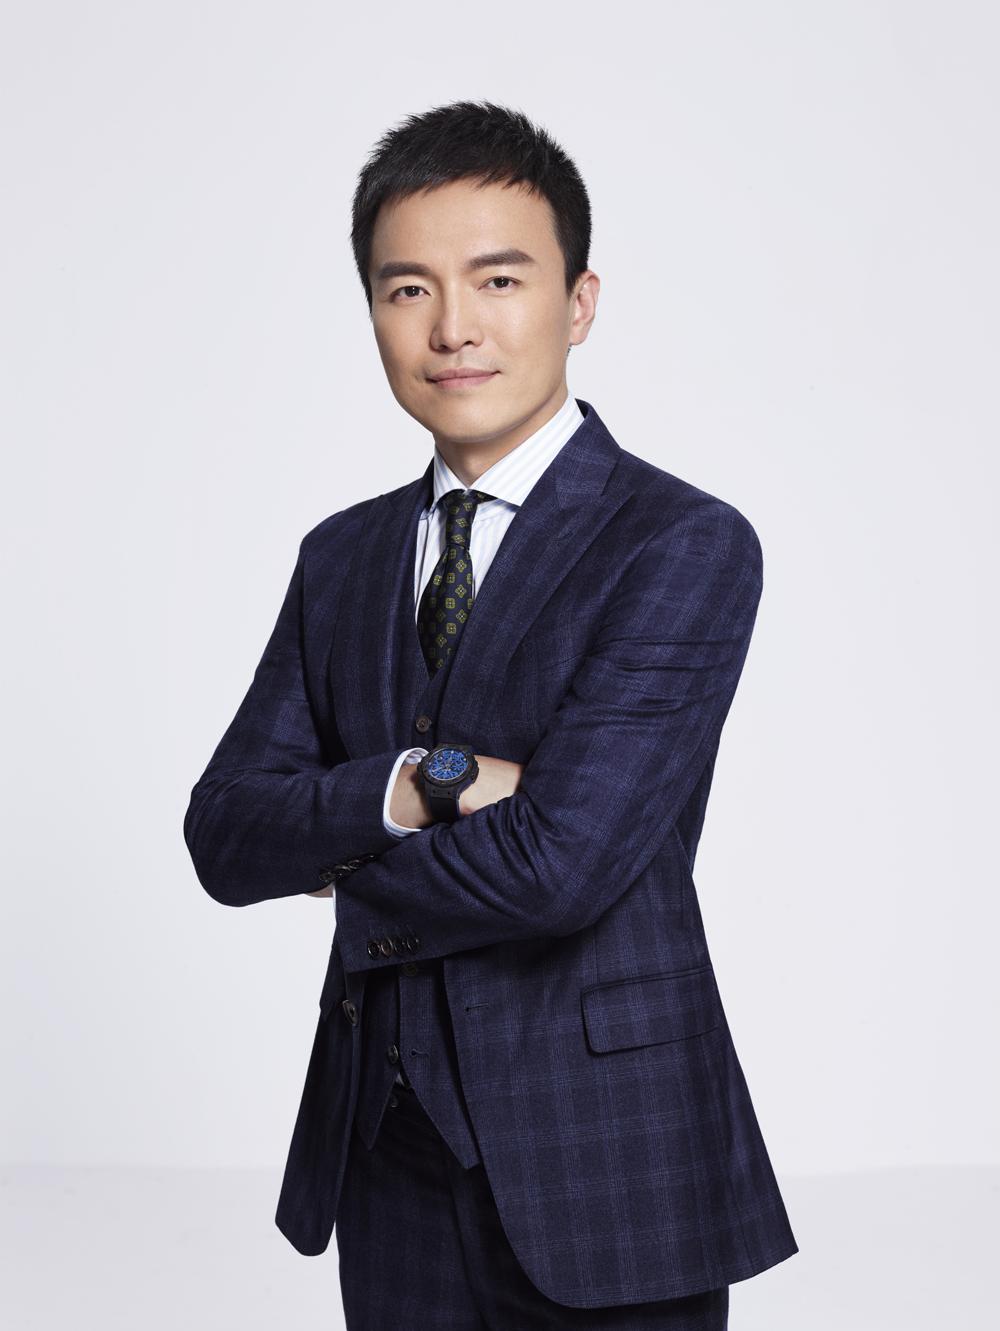 Derek Haoyang Li